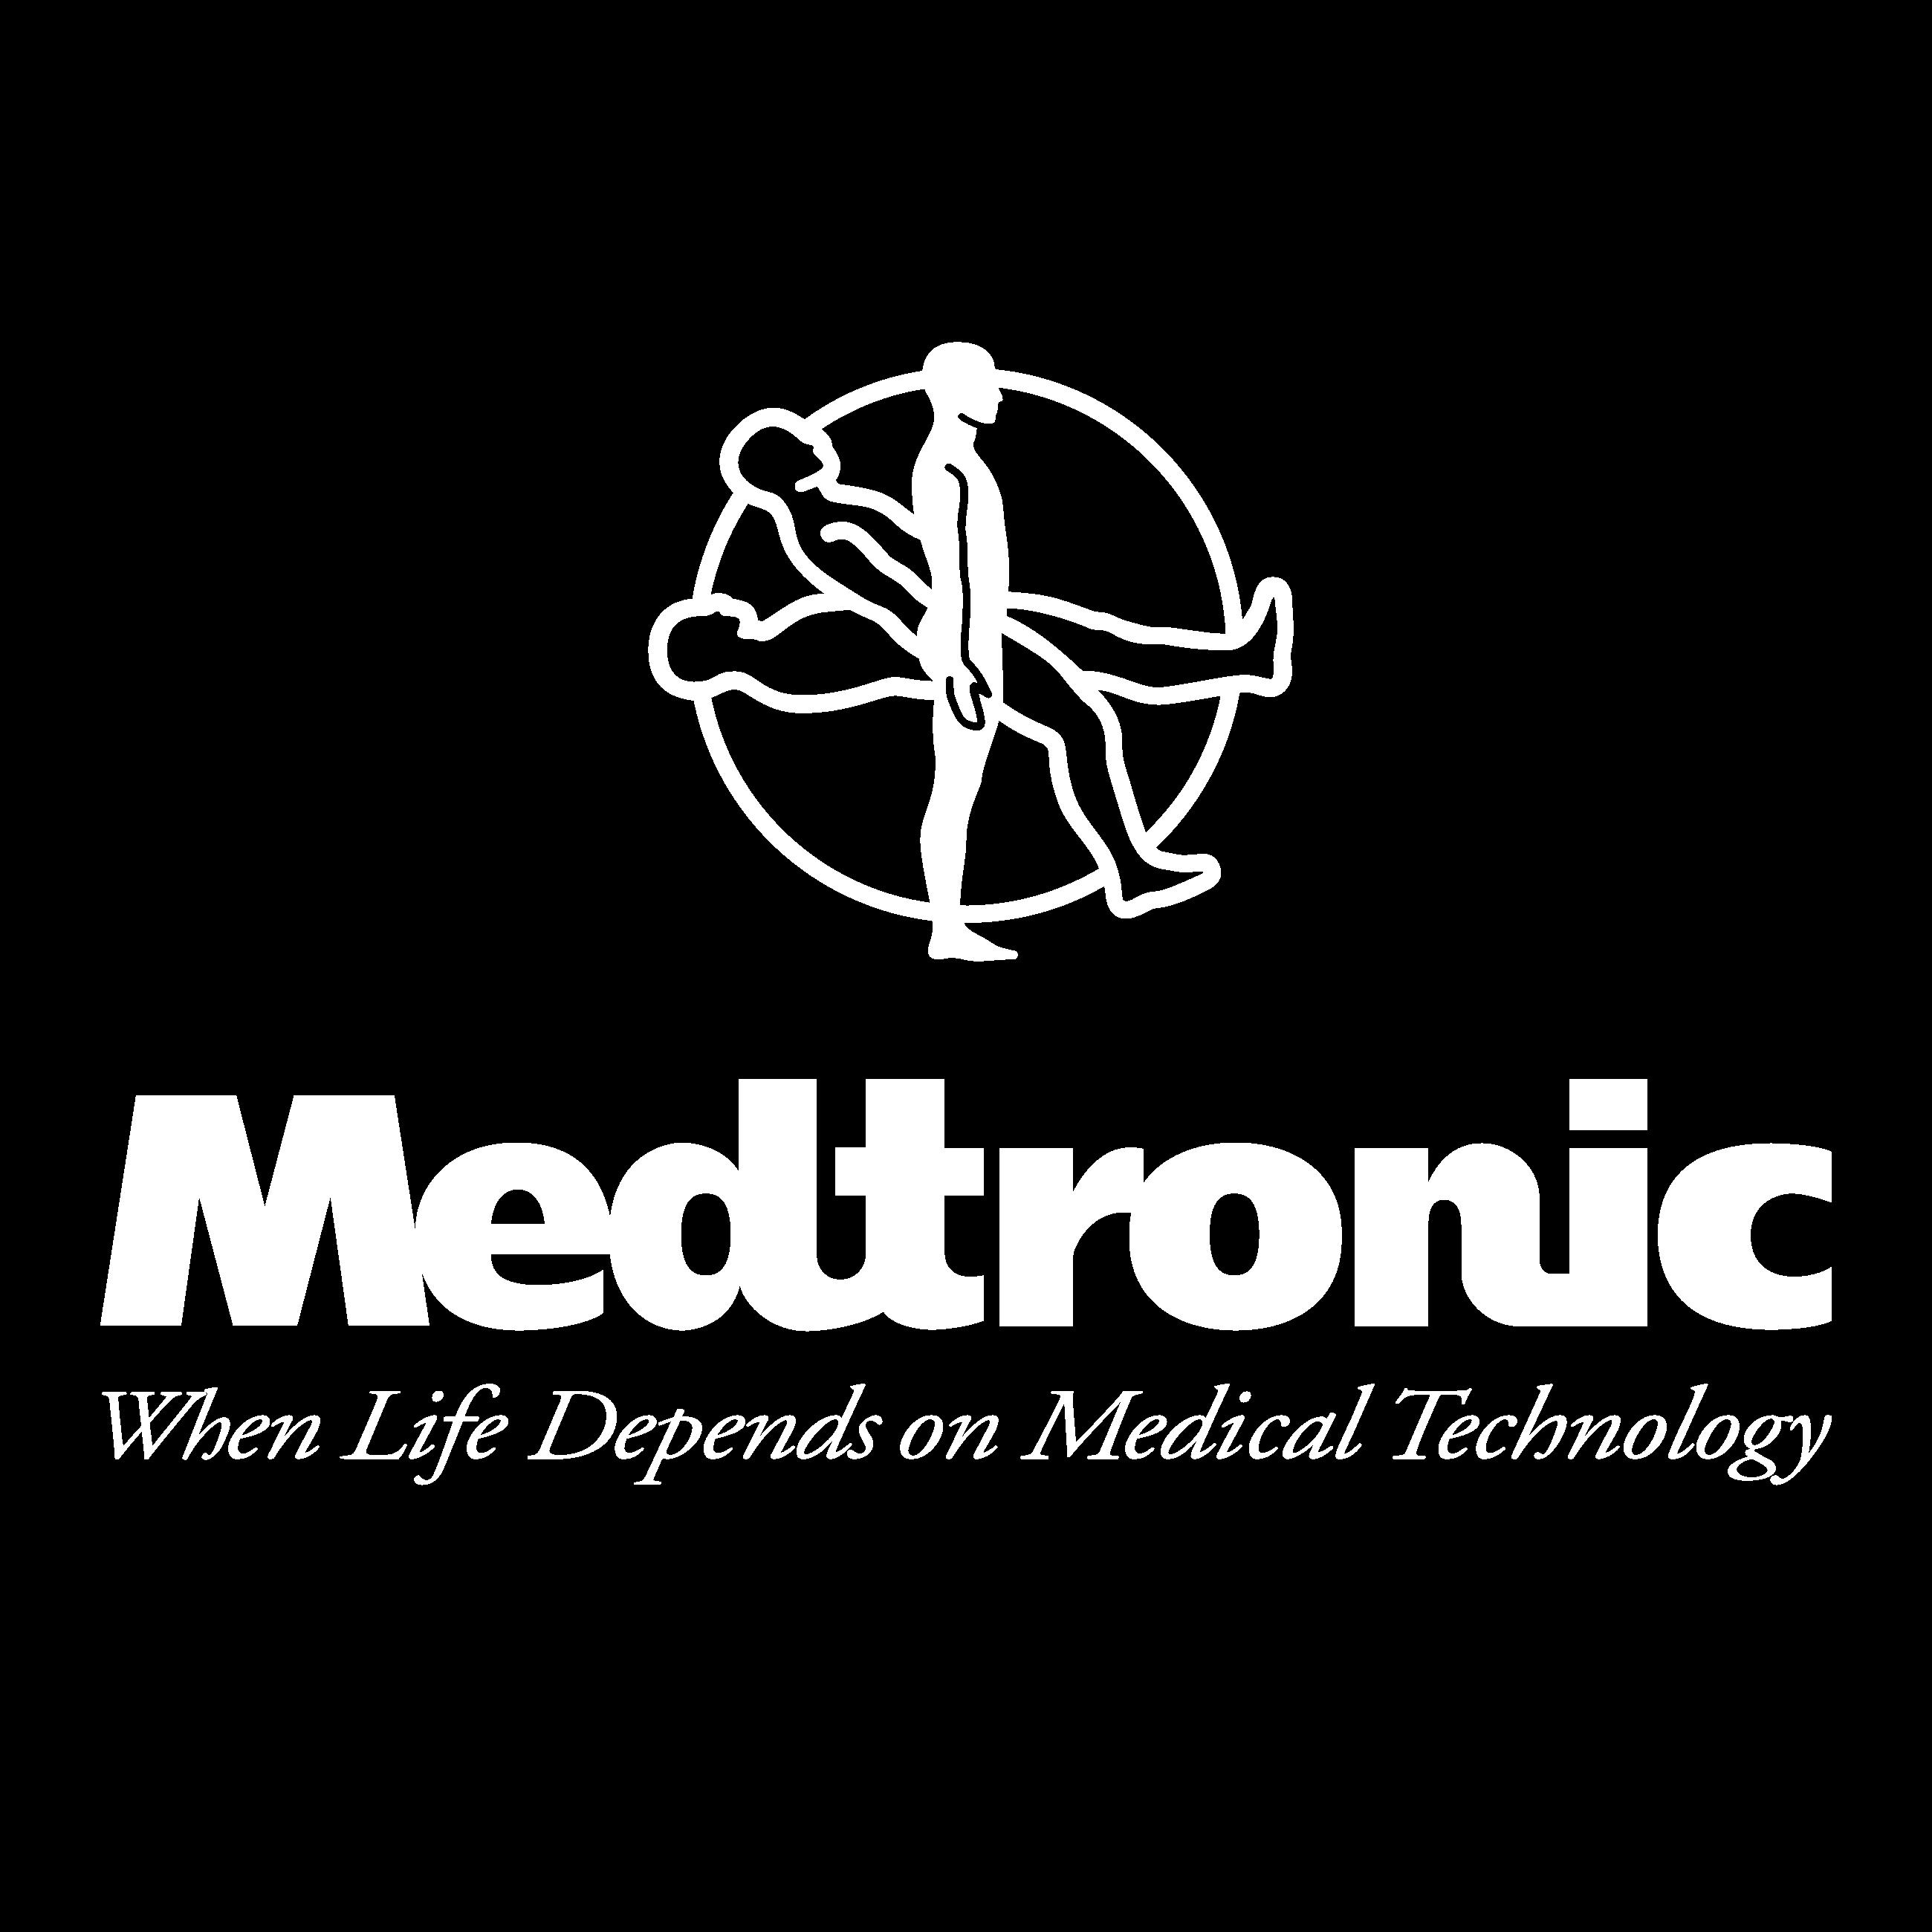 medtronic-logo-black-and-white